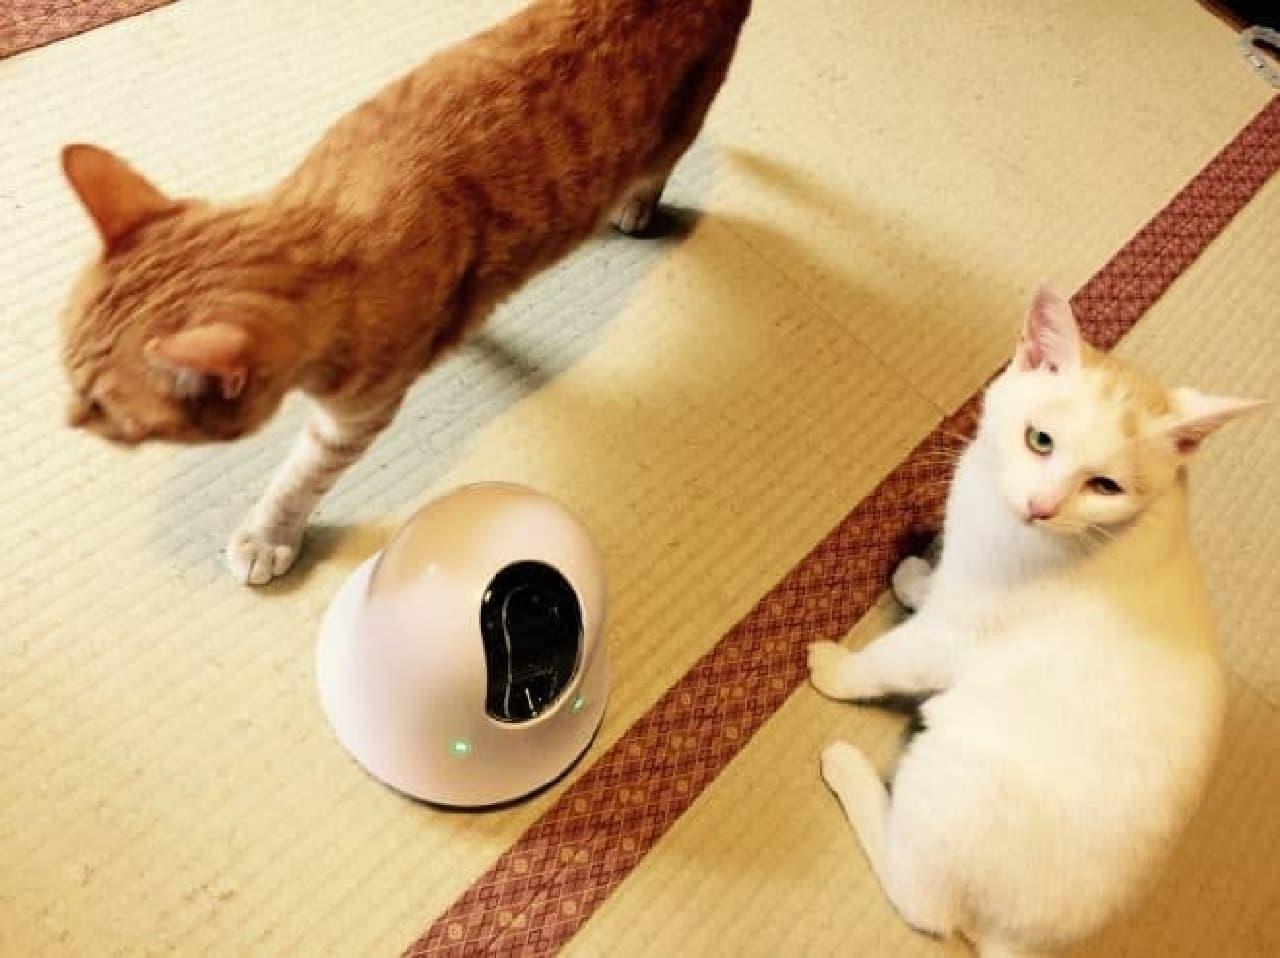 ilboとネコ2匹のようす